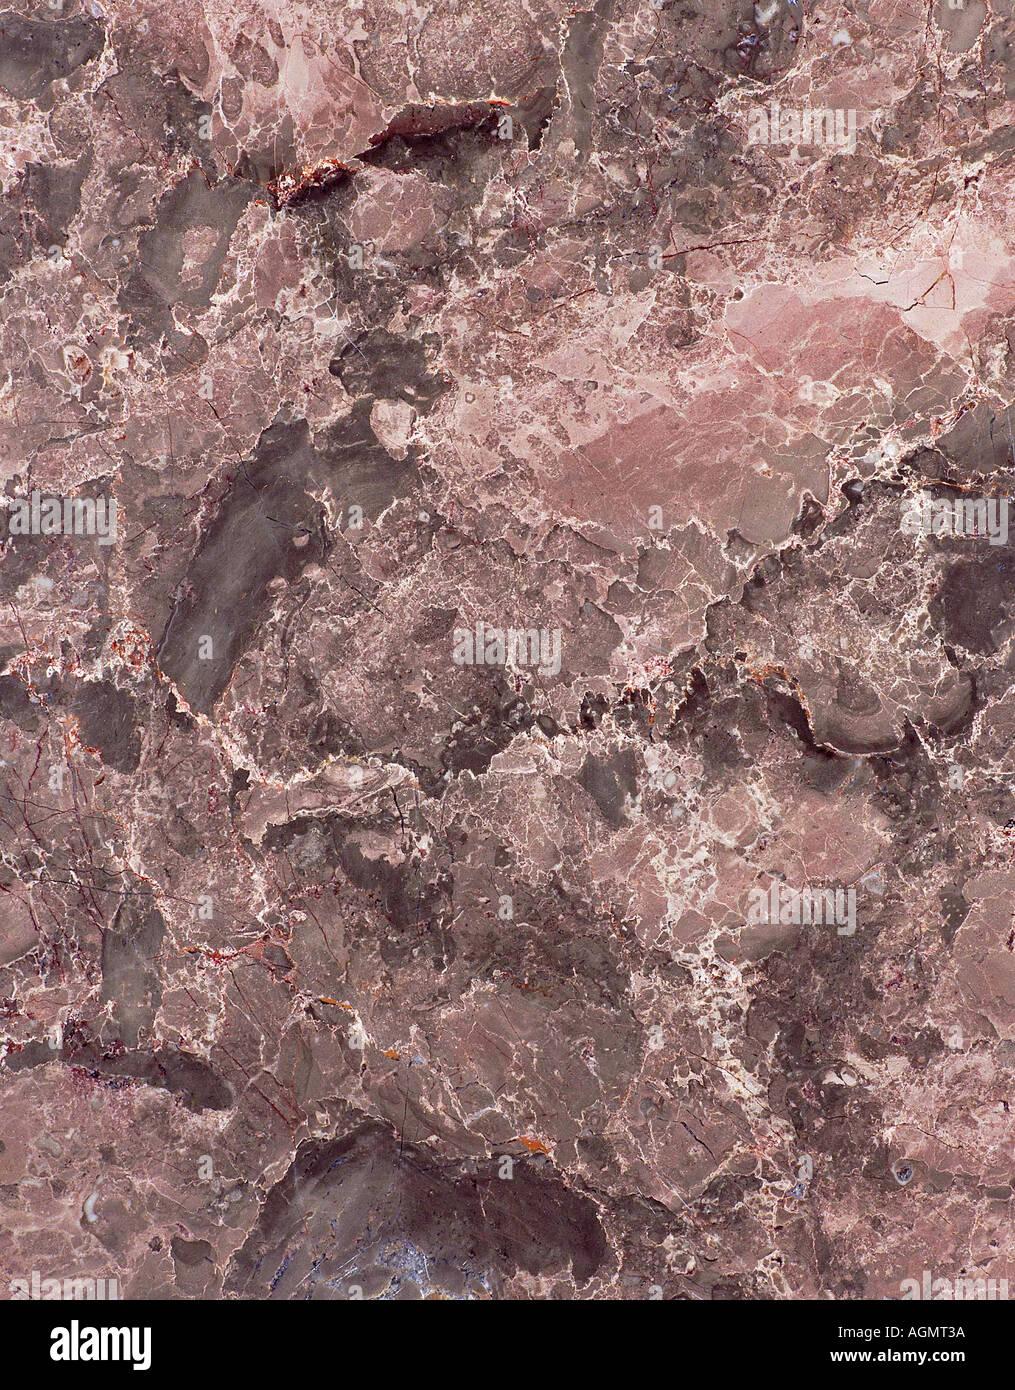 Hintergrund Textur Abstrakte Marmor Italienische Französische Spanische  Arbeitsplatte Boden Design Fliesen Bad Waschbecken Küche Rot Braun Rosa